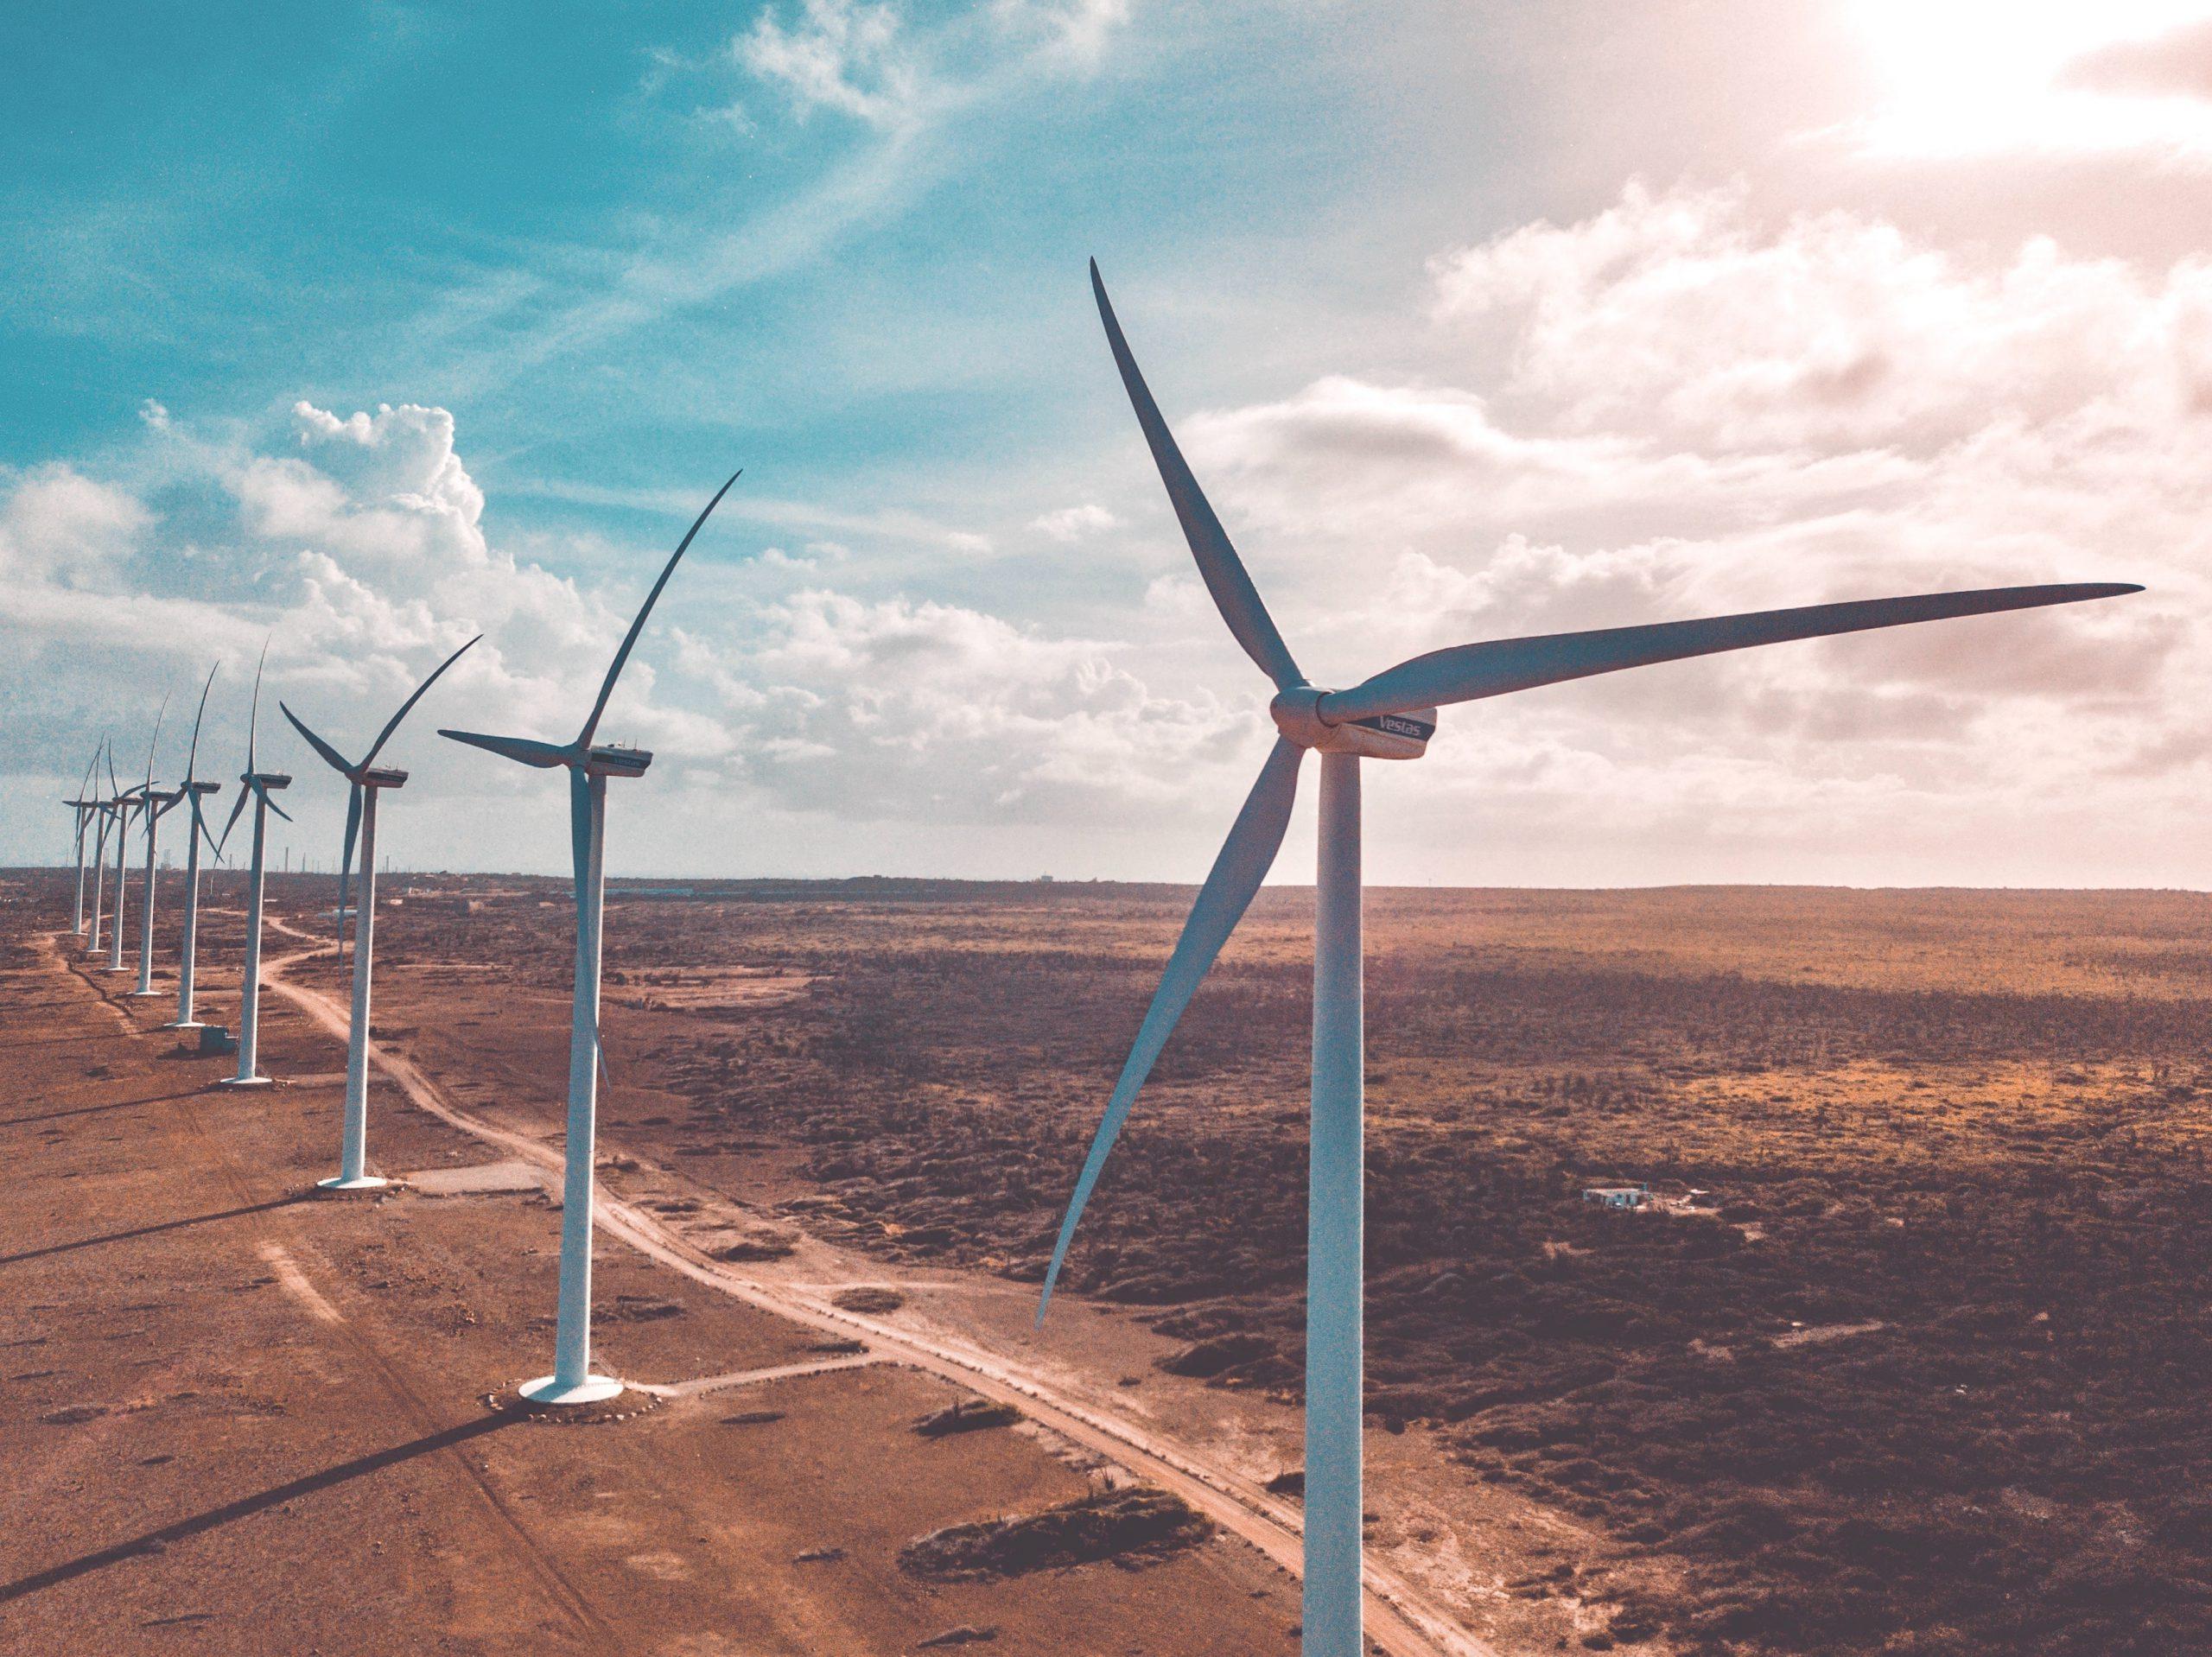 GREE – Les éoliennes mettent-elles nos paysages en périls ?